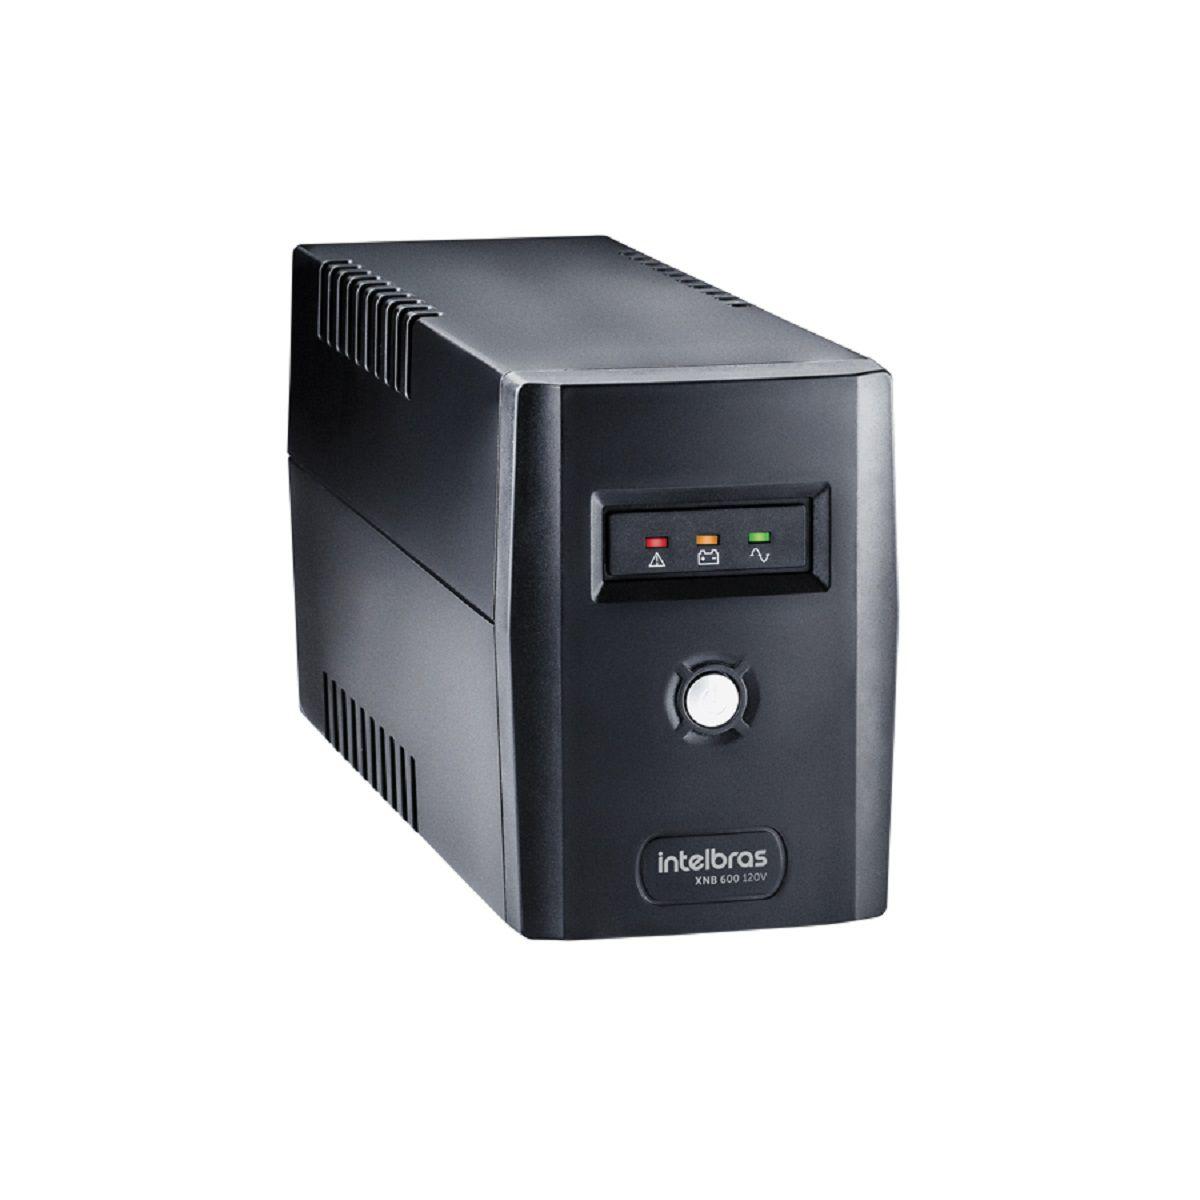 Nobreak Intelbras XNB 600 VA Entrada e Saída 120V